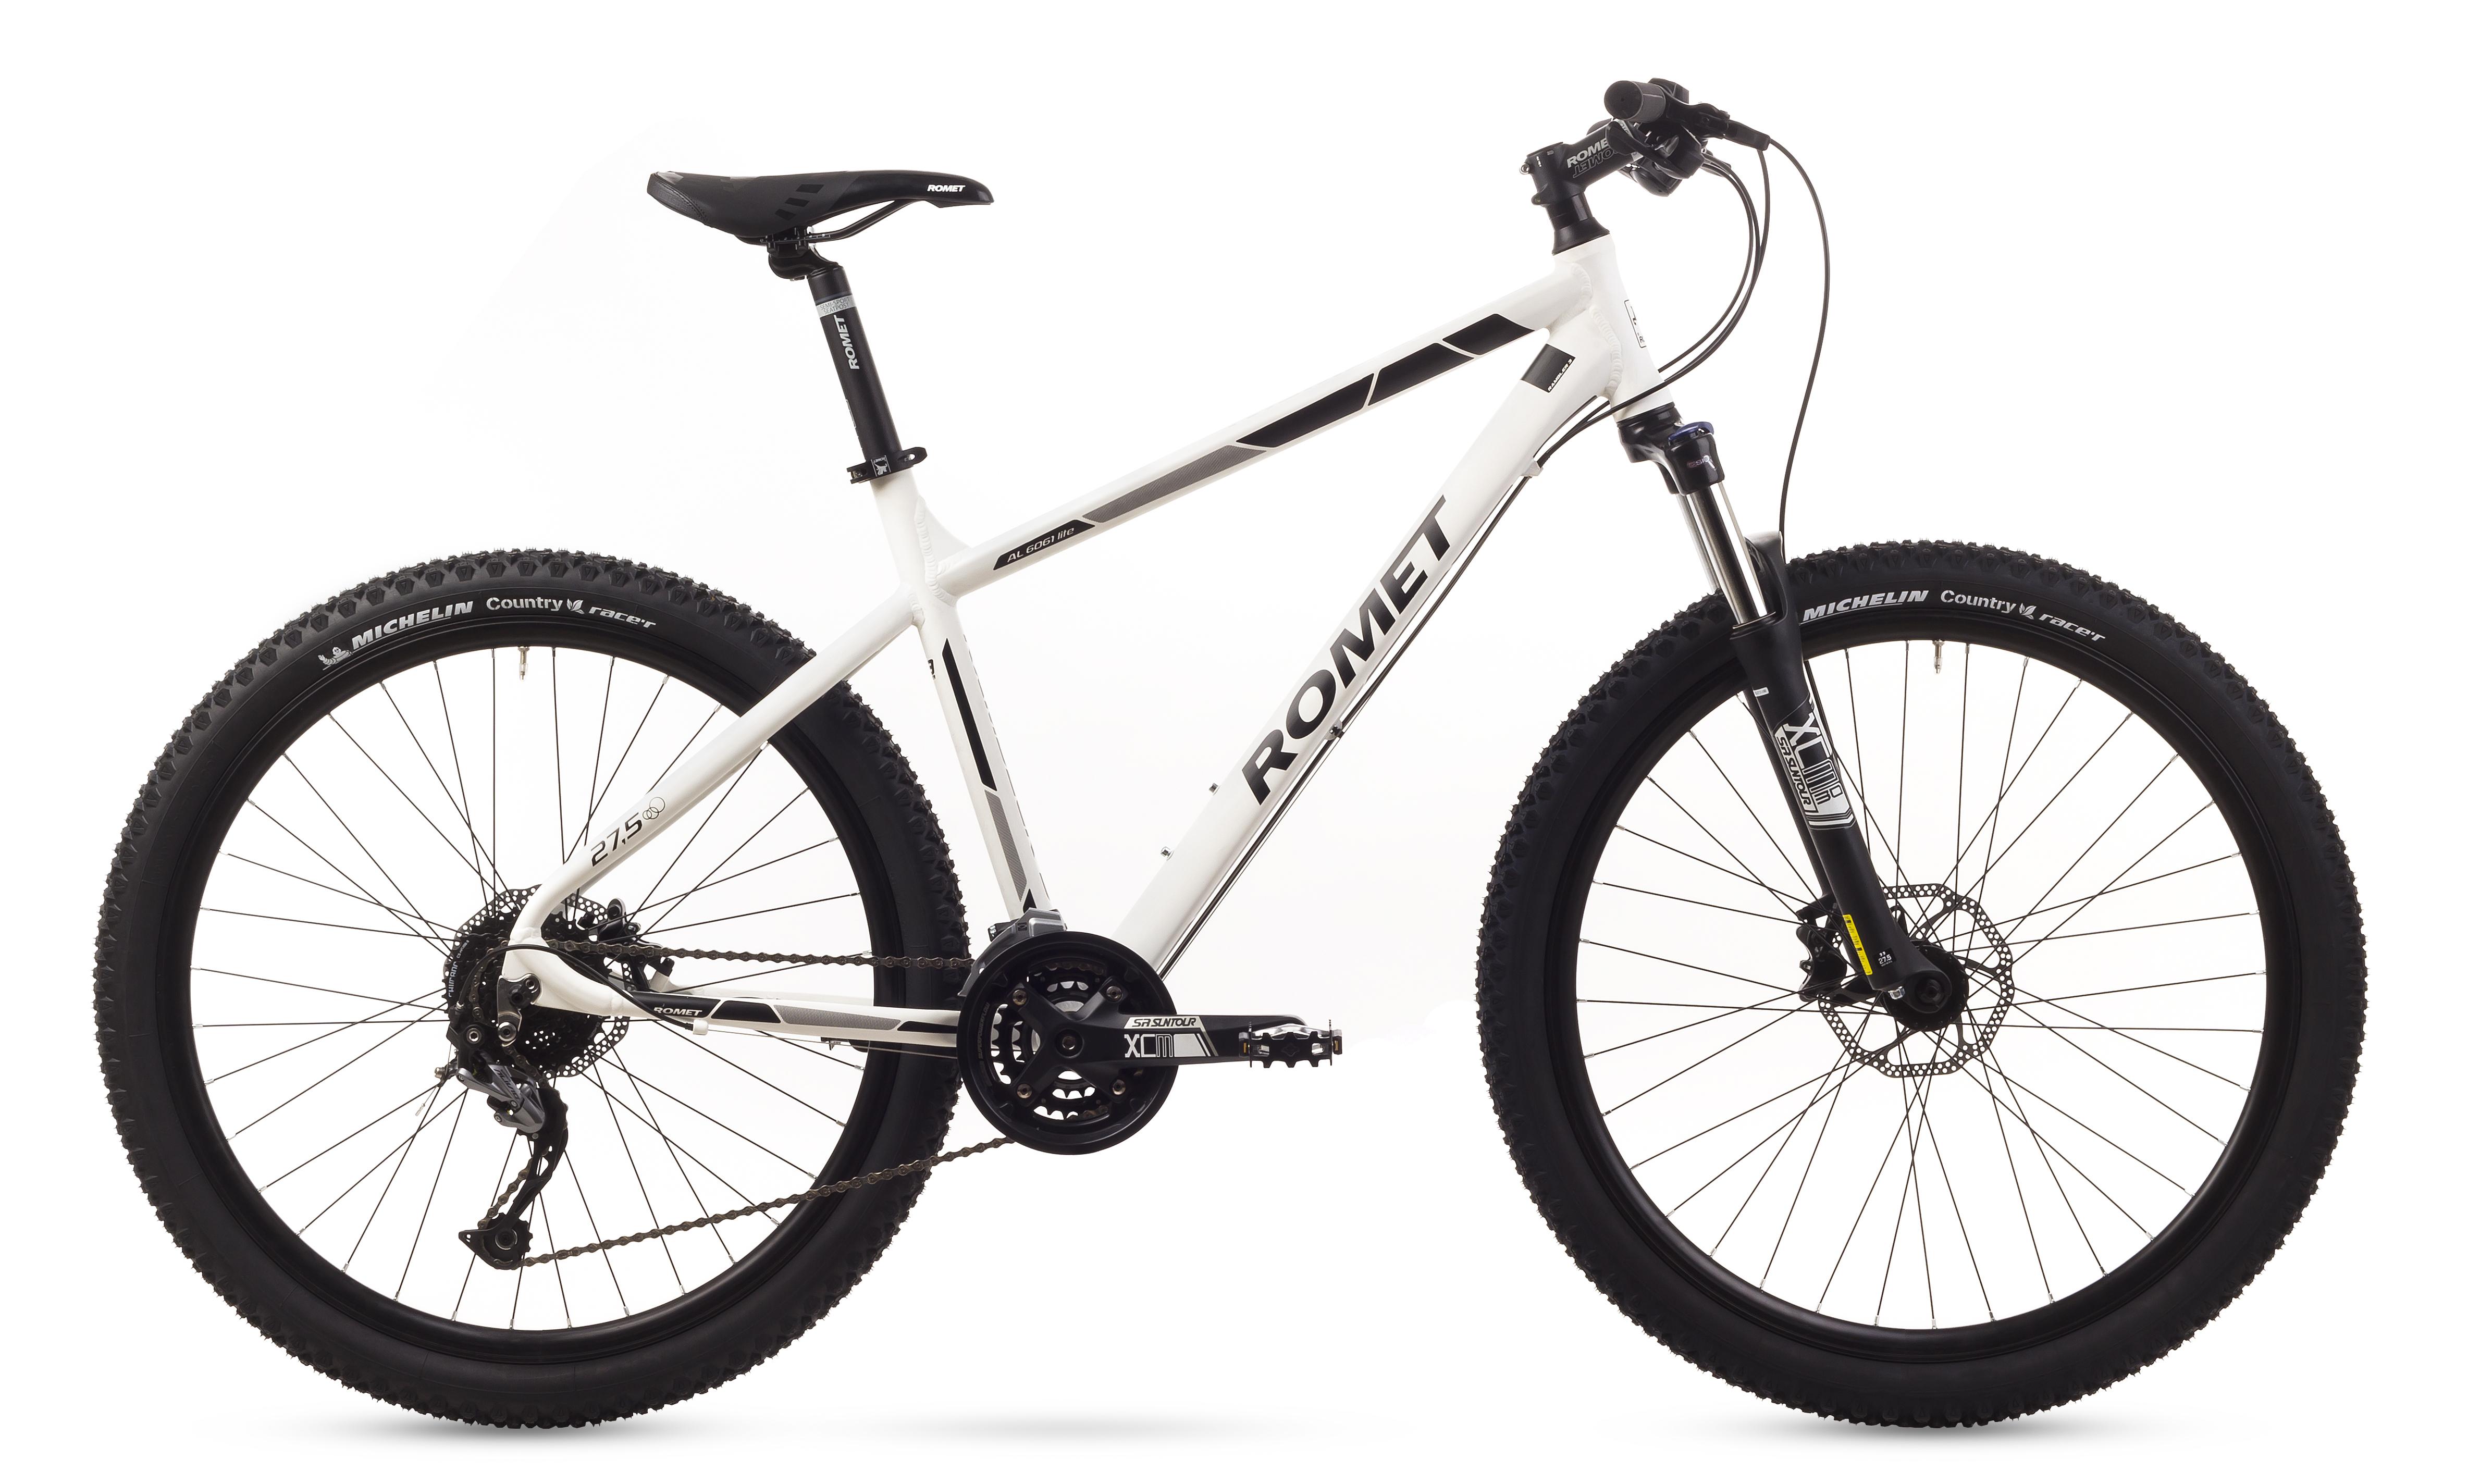 горный велосипед купить воронеж, особенности